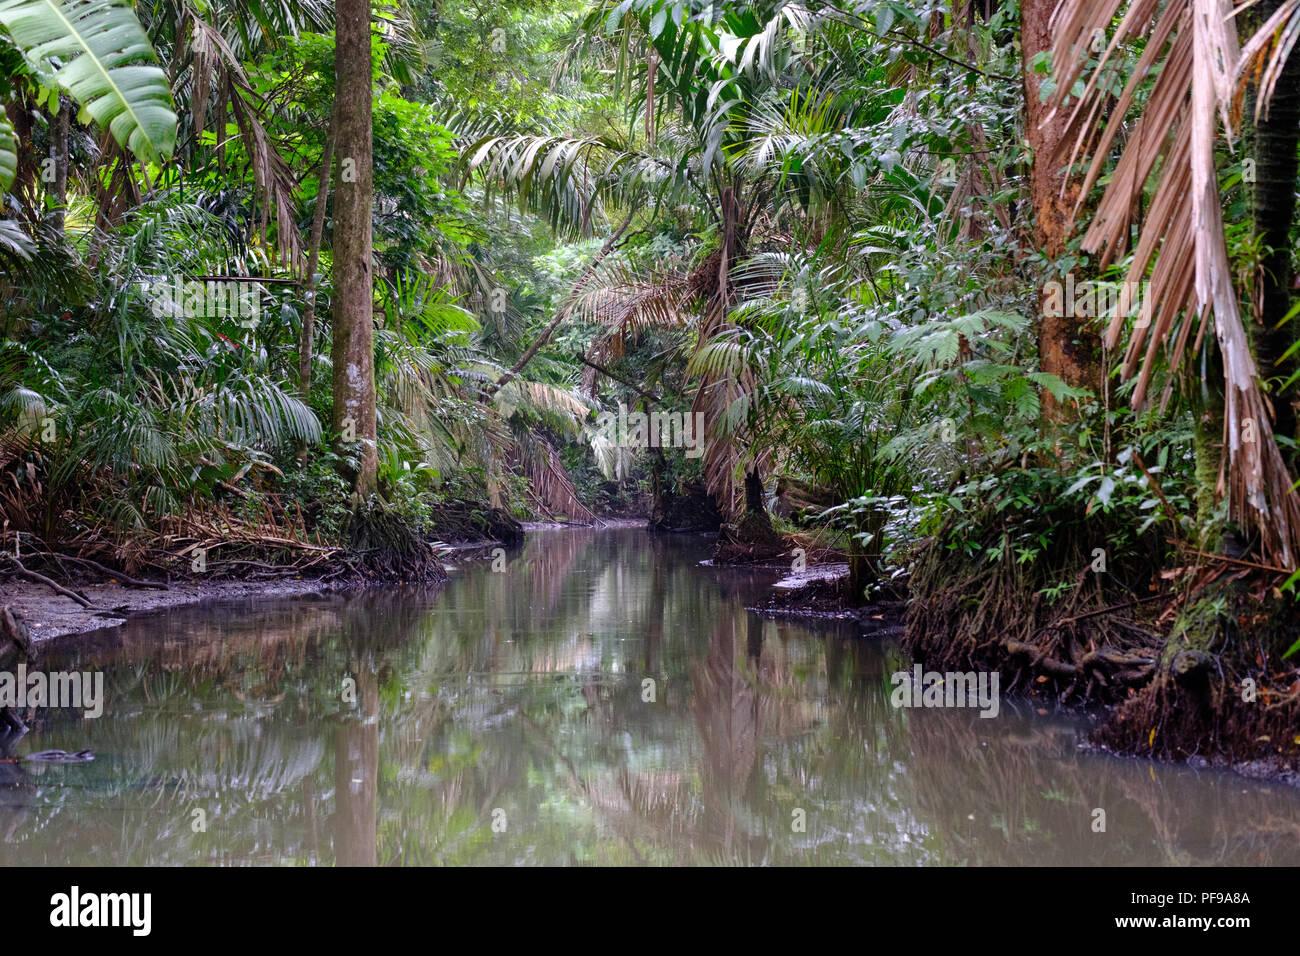 Fiume stretto nella densa foresta pluviale di Tortugero Immagini Stock